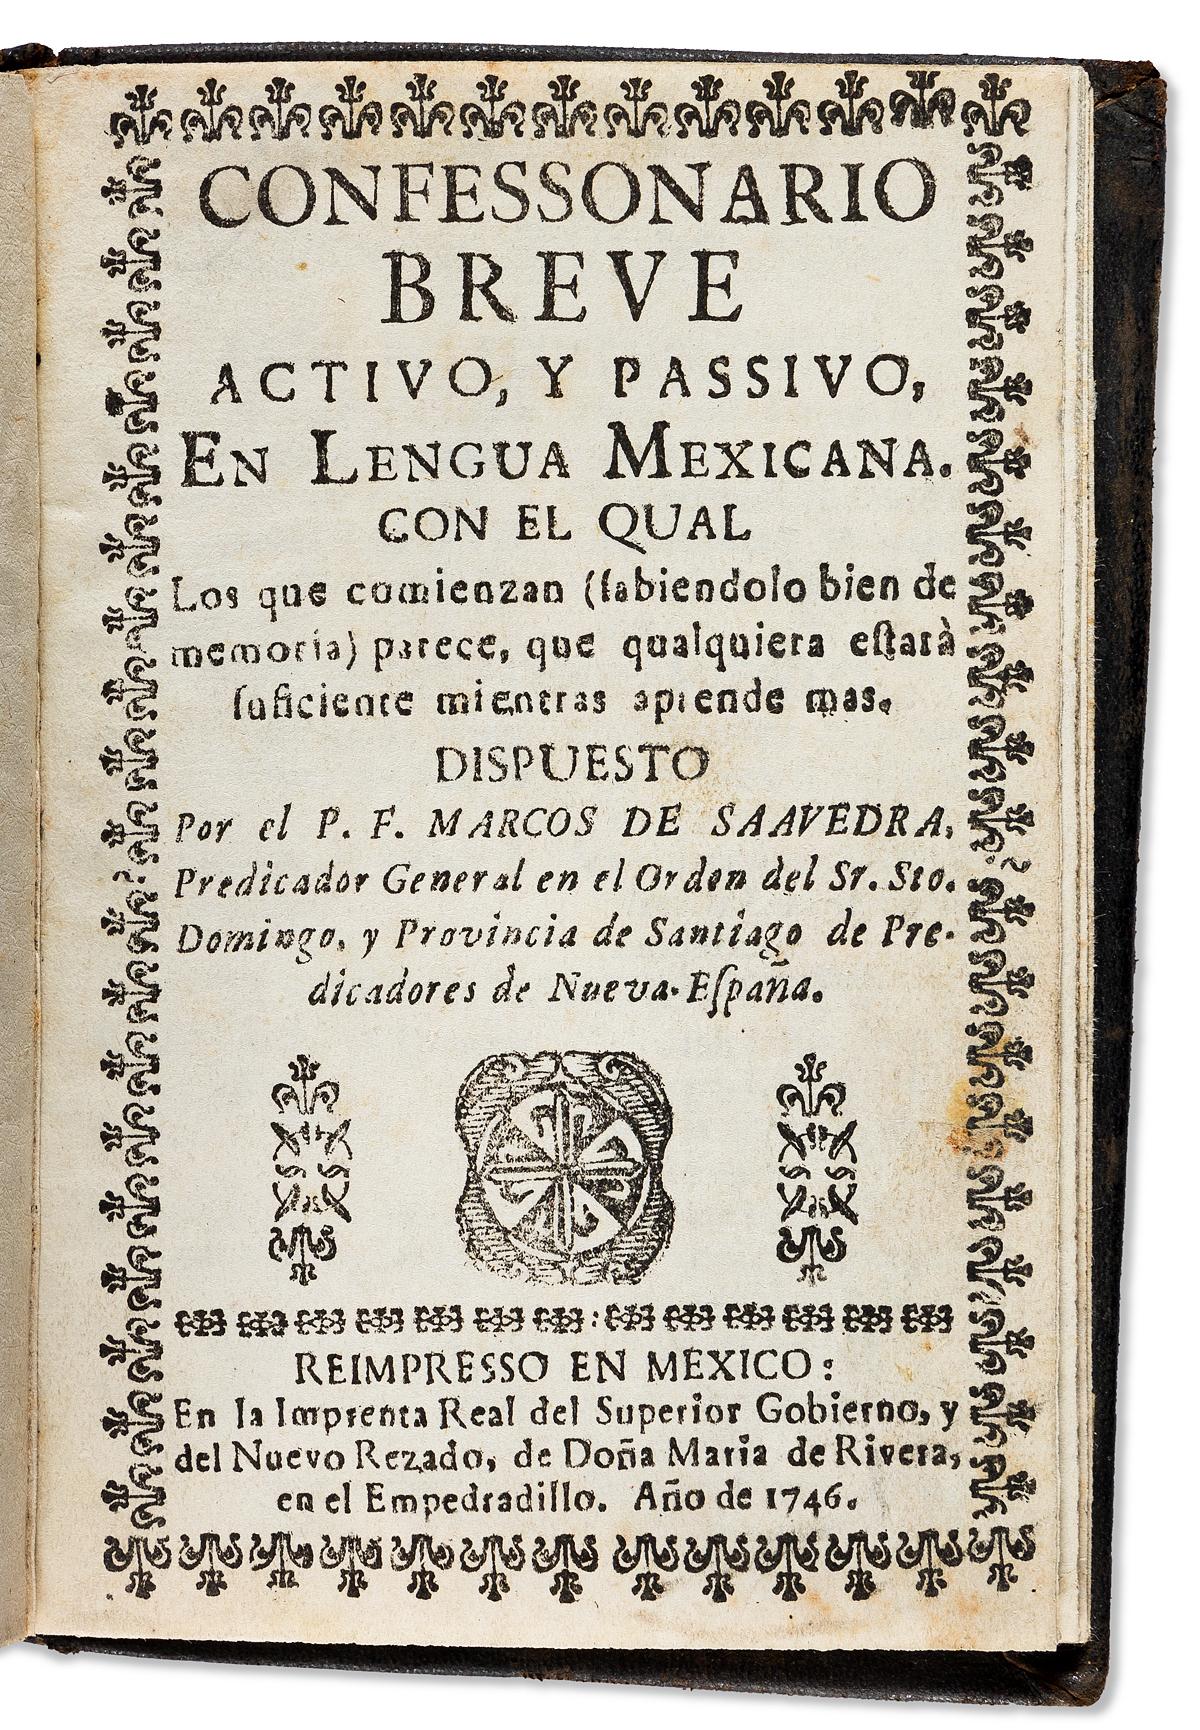 (MEXICAN IMPRINT--1746.) Marcos de Saavedra. Confessonario breve activo, y passivo, en lengua mexicana.